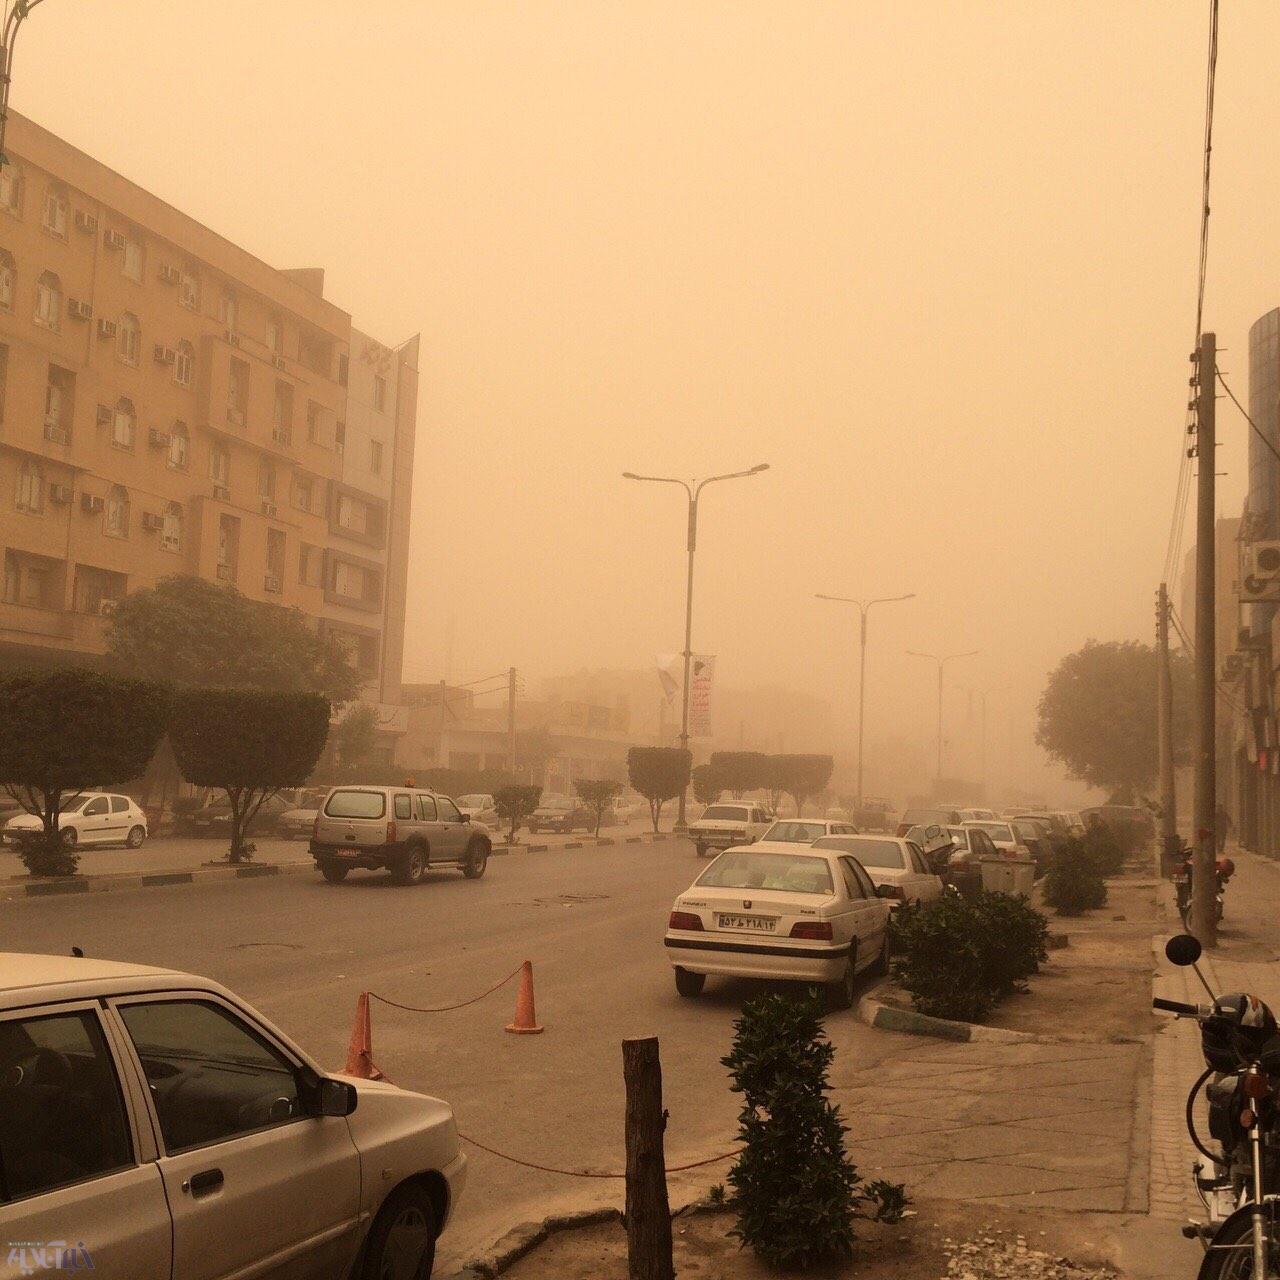 گرد و غبار آسمان شهر را خاکستری کرد